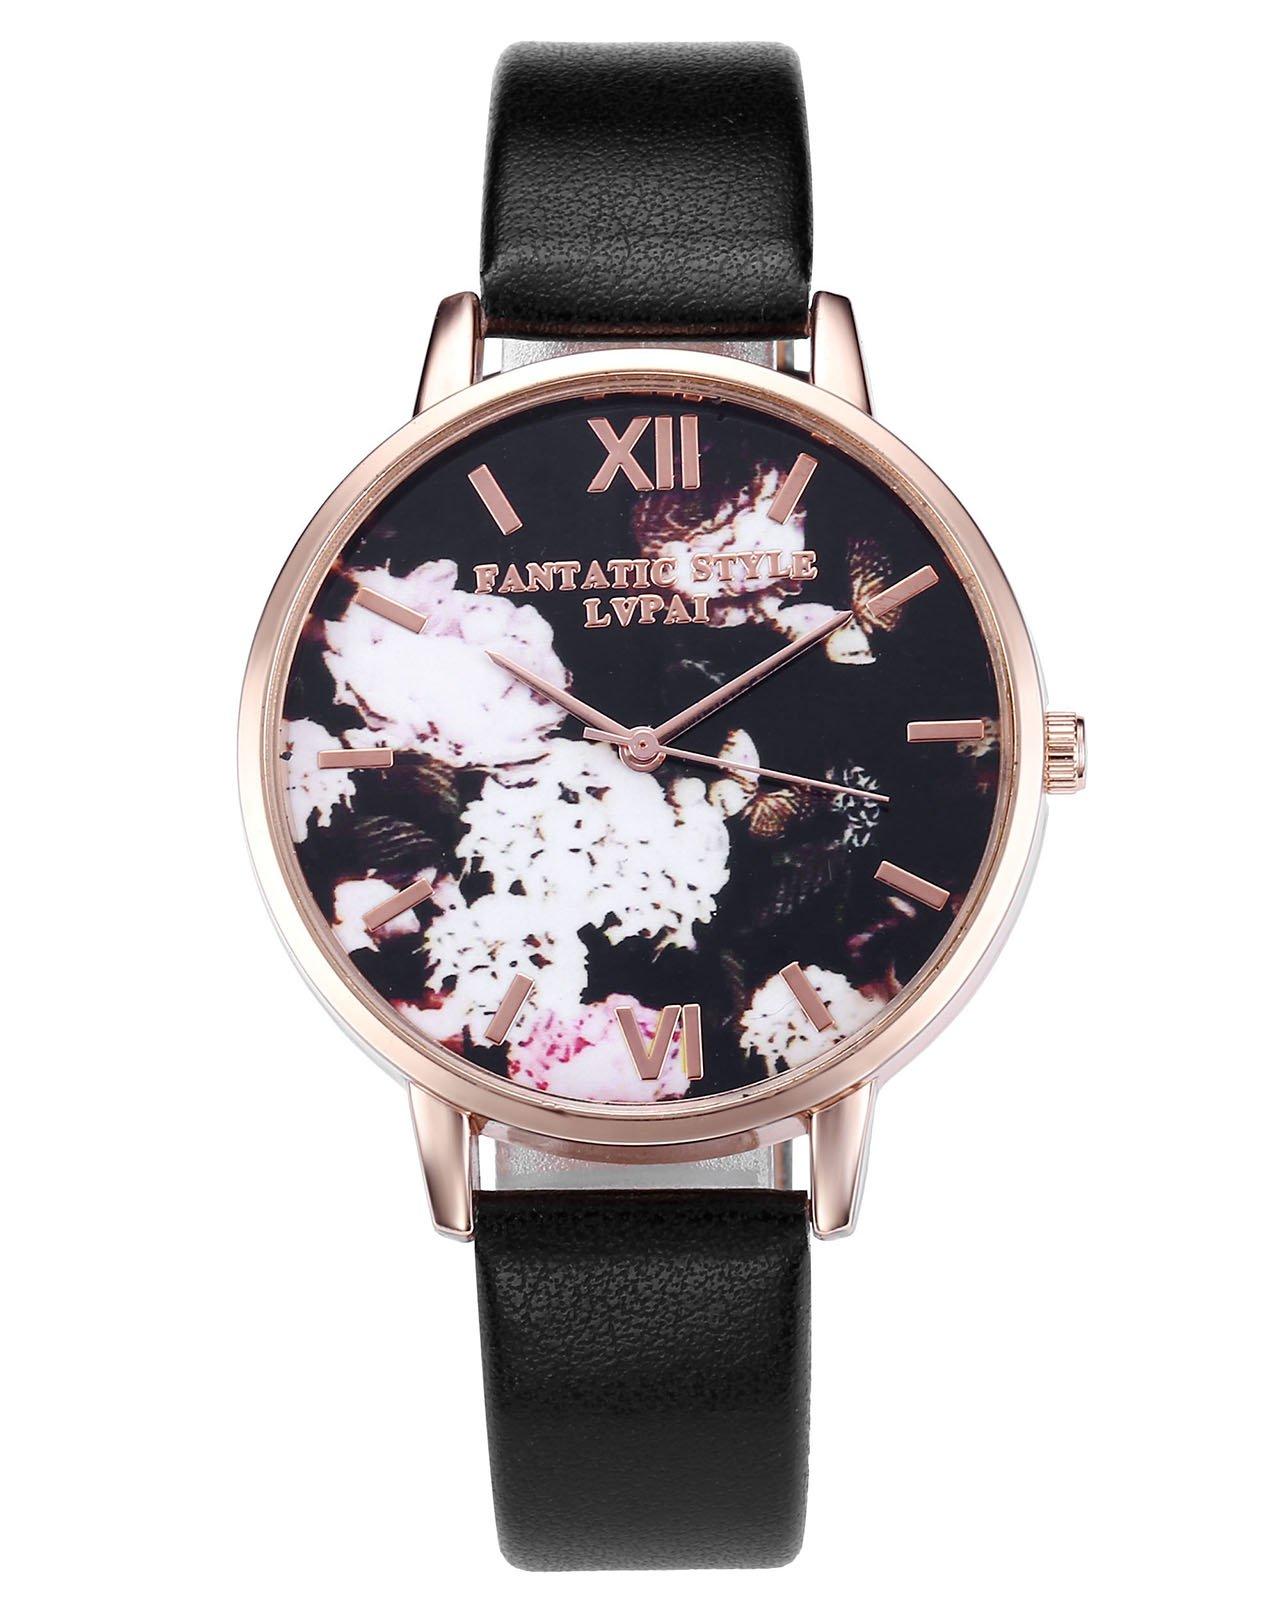 JSDDE Uhren,Retro Blumen und Schmetterling Damen Armbanduhr Basel-Stil Quarzuhr Lederband Rosegold Quarz Uhr(Schwarz)